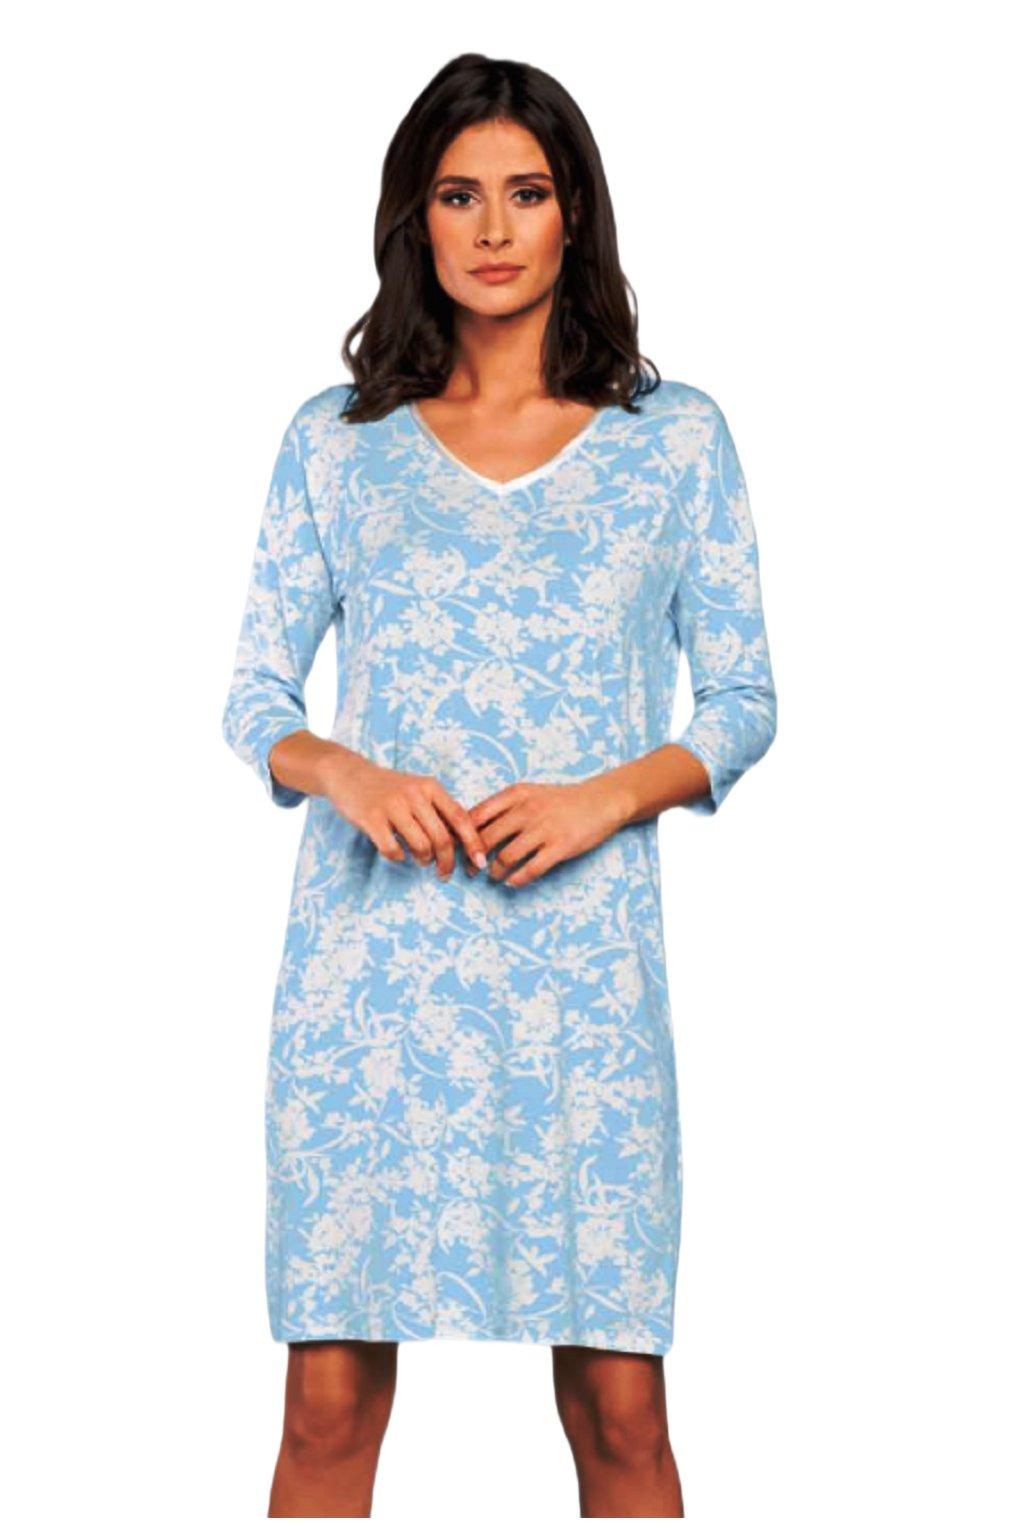 Dámská viskózová noční košile s 3/4 rukávem Italian Fashion Bryza.